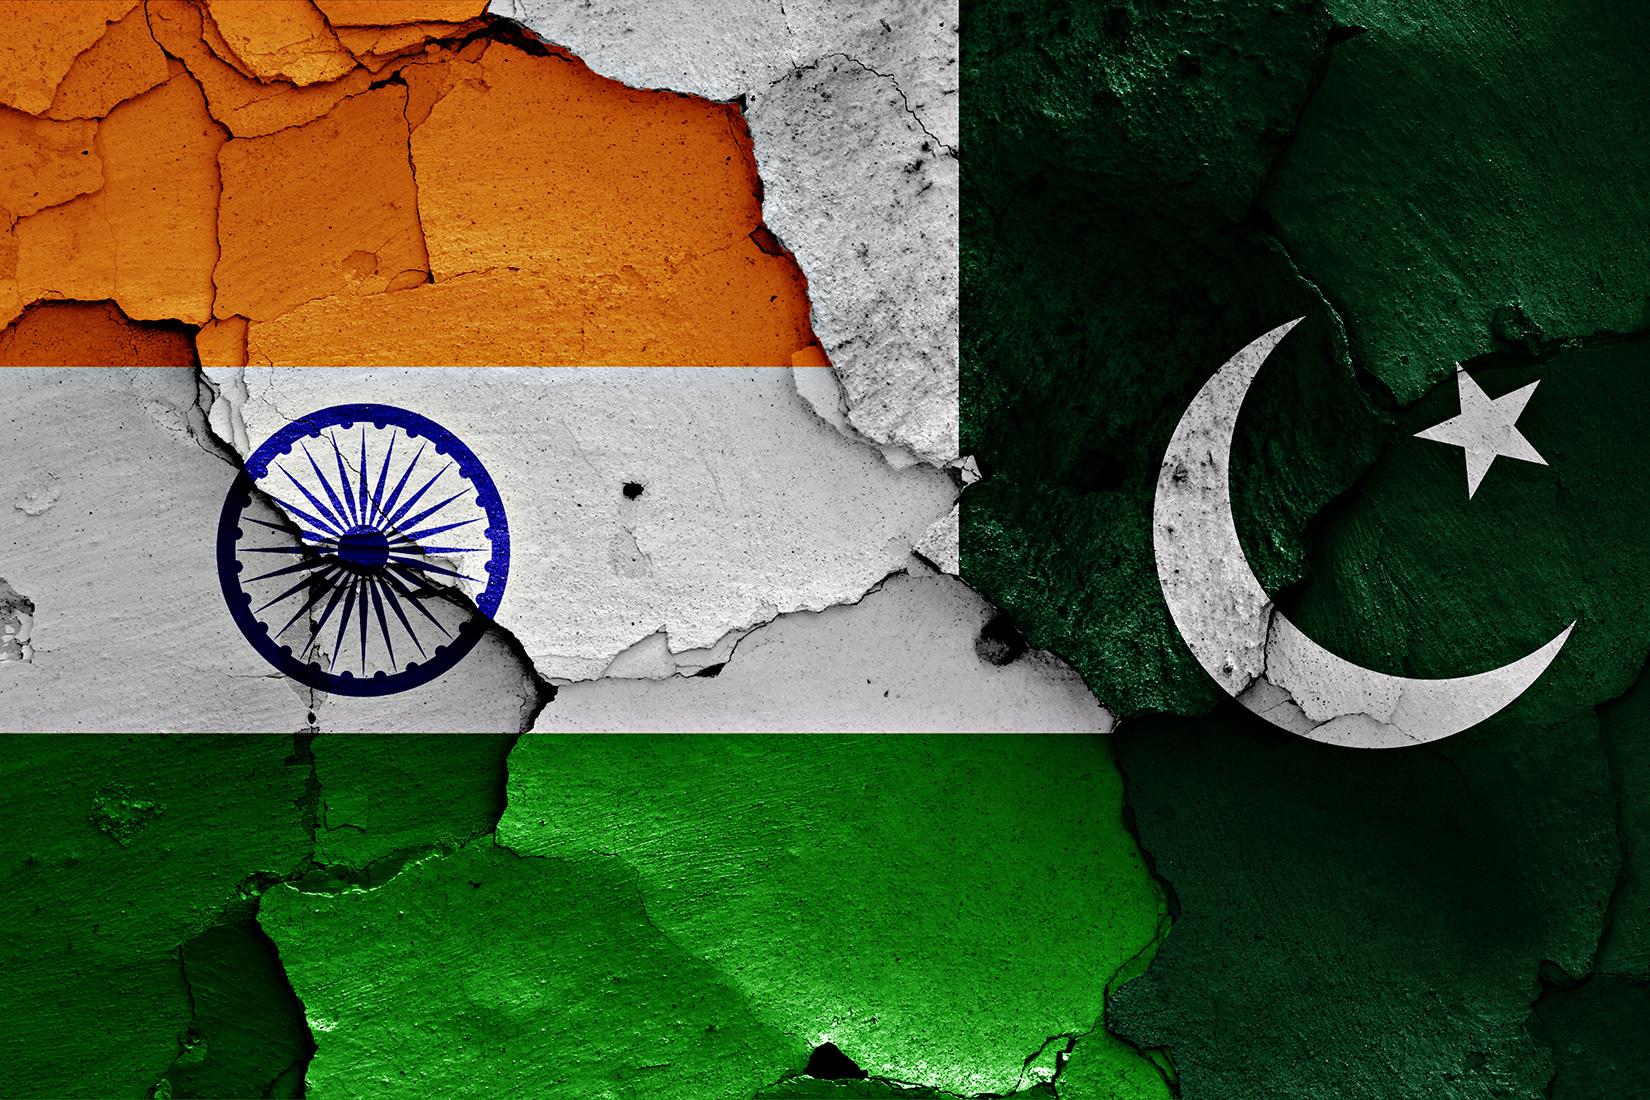 印パ空中戦-インドの空爆はどのような成果を上げたのか